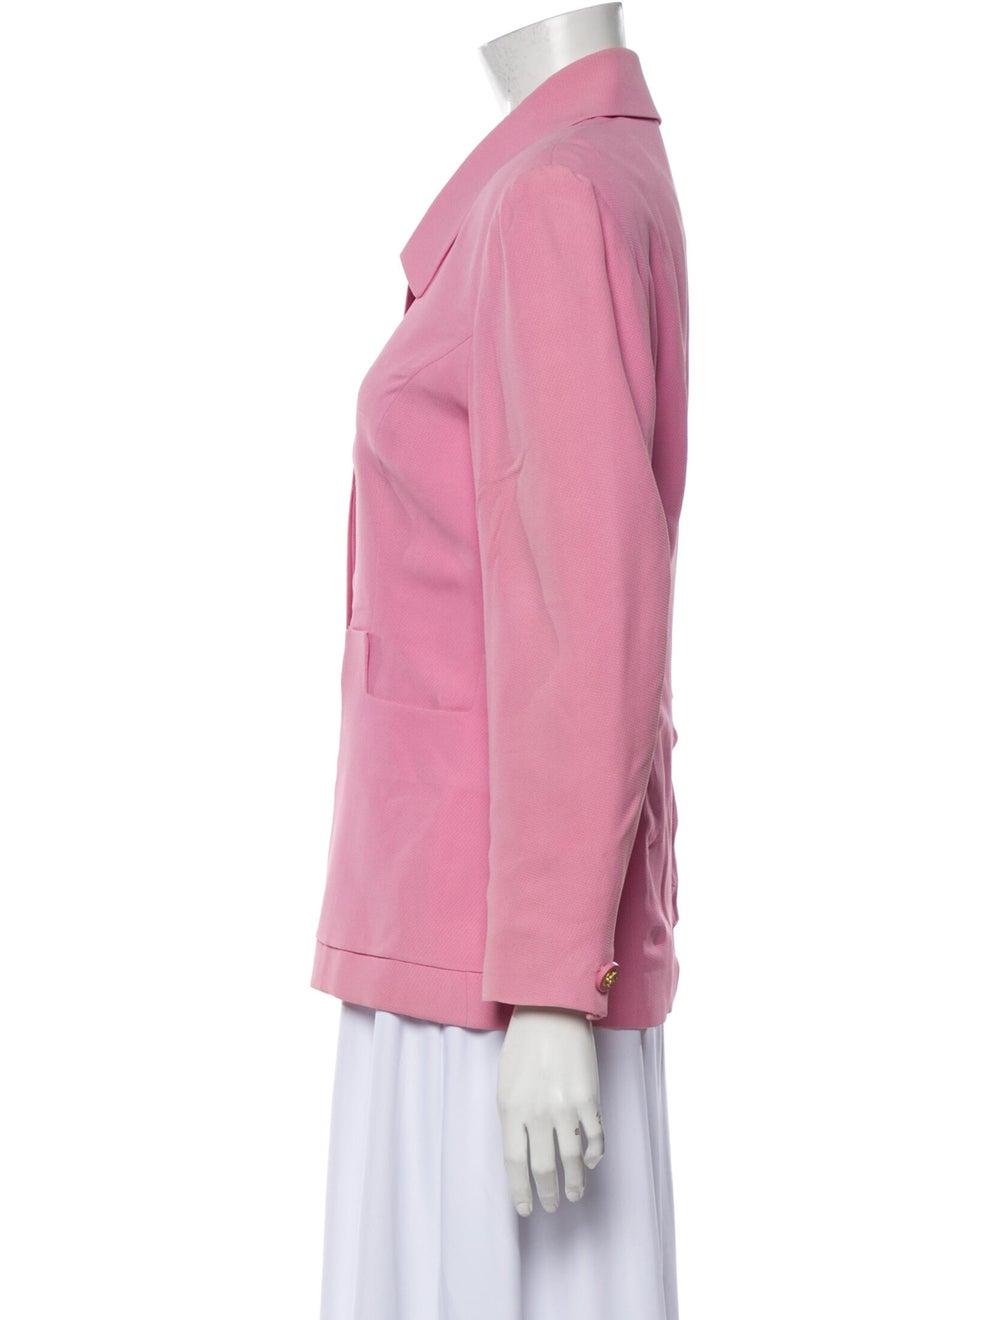 Celine Vintage Blazer Pink - image 2